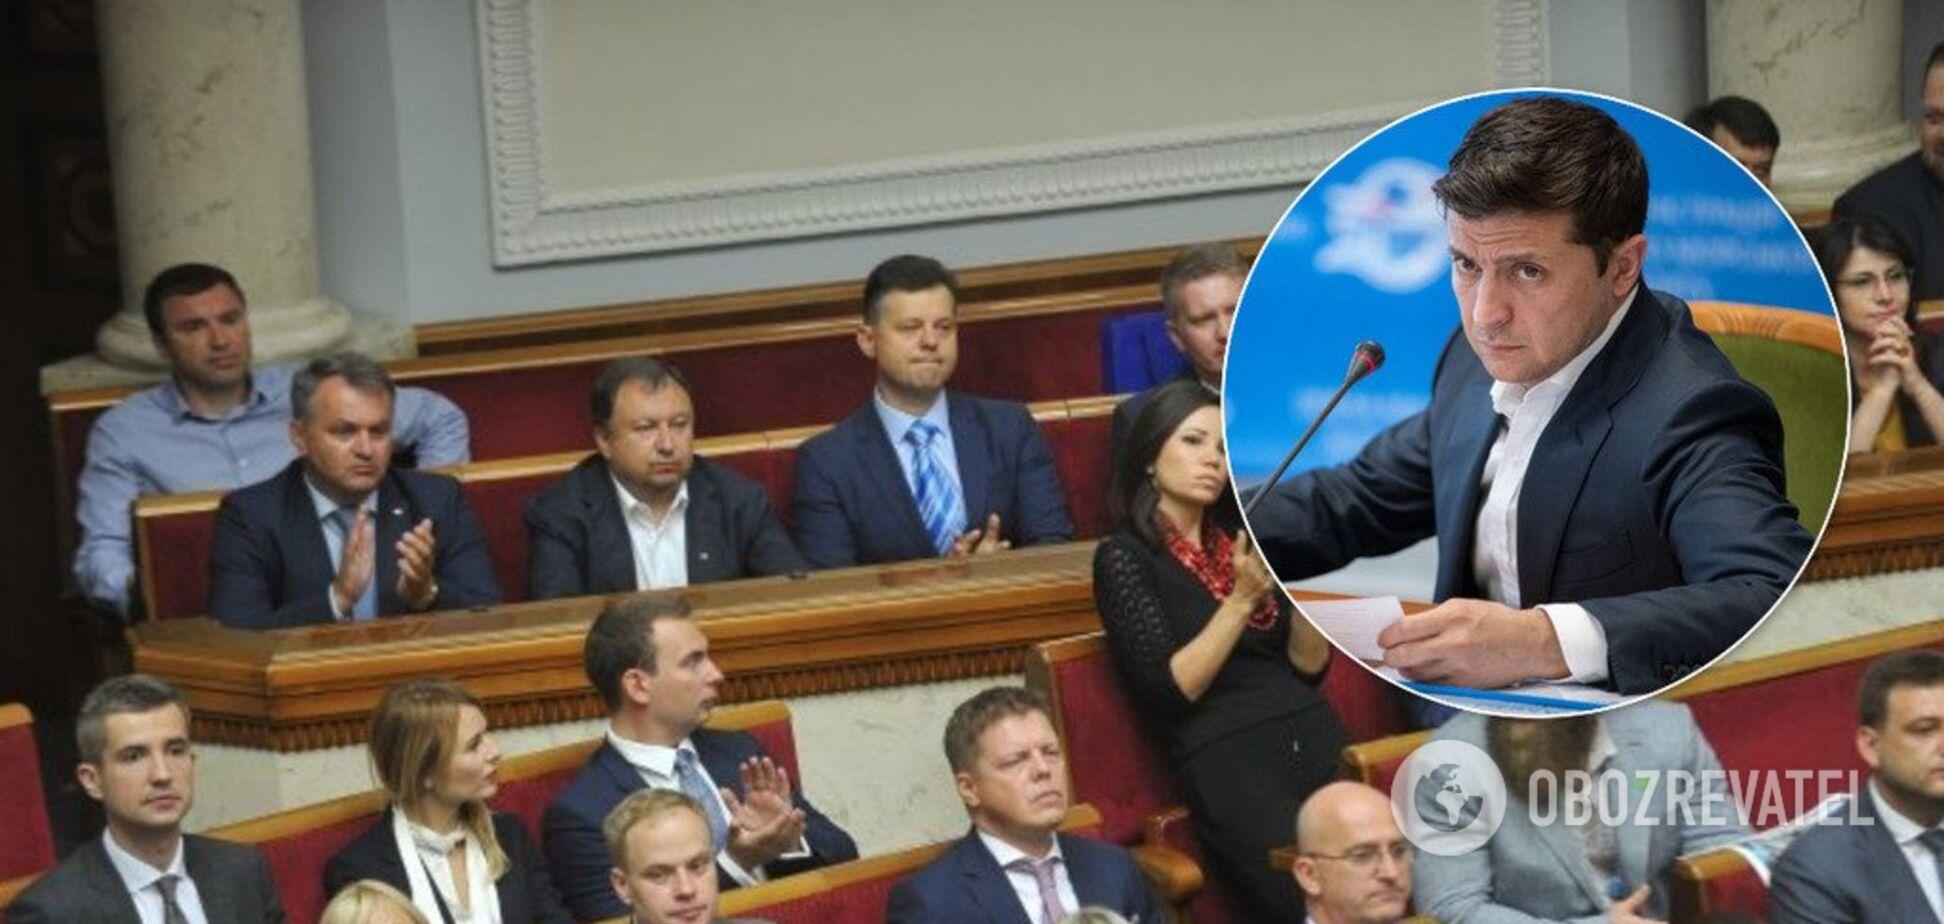 Зеленский собрал 'Слугу народа' на закрытую встречу